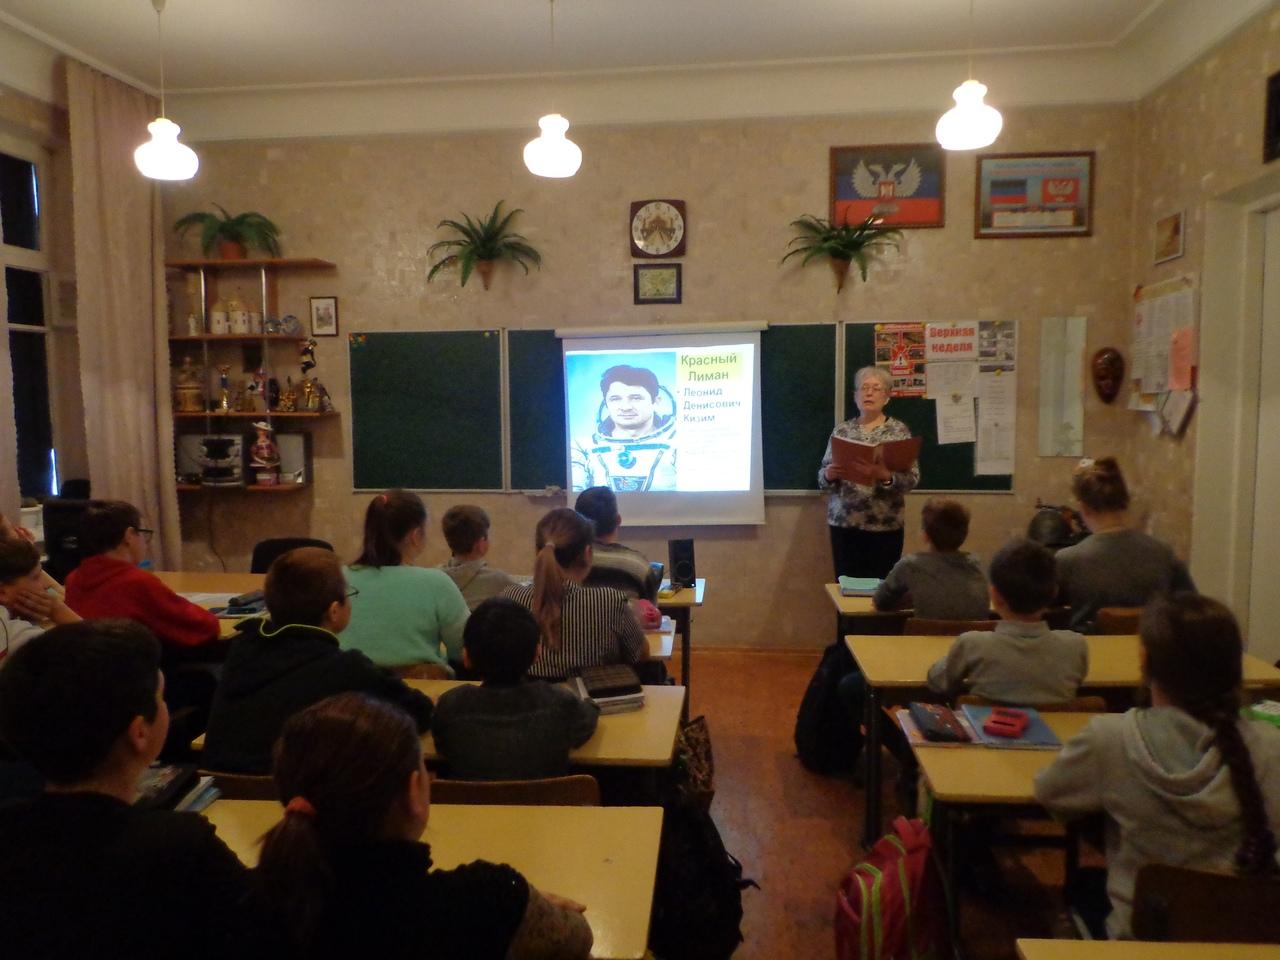 Донецкая республиканская библиотека для детей, отдел обслуживания учащихся 5-9 классов, космические первопроходцы, детям о космосе